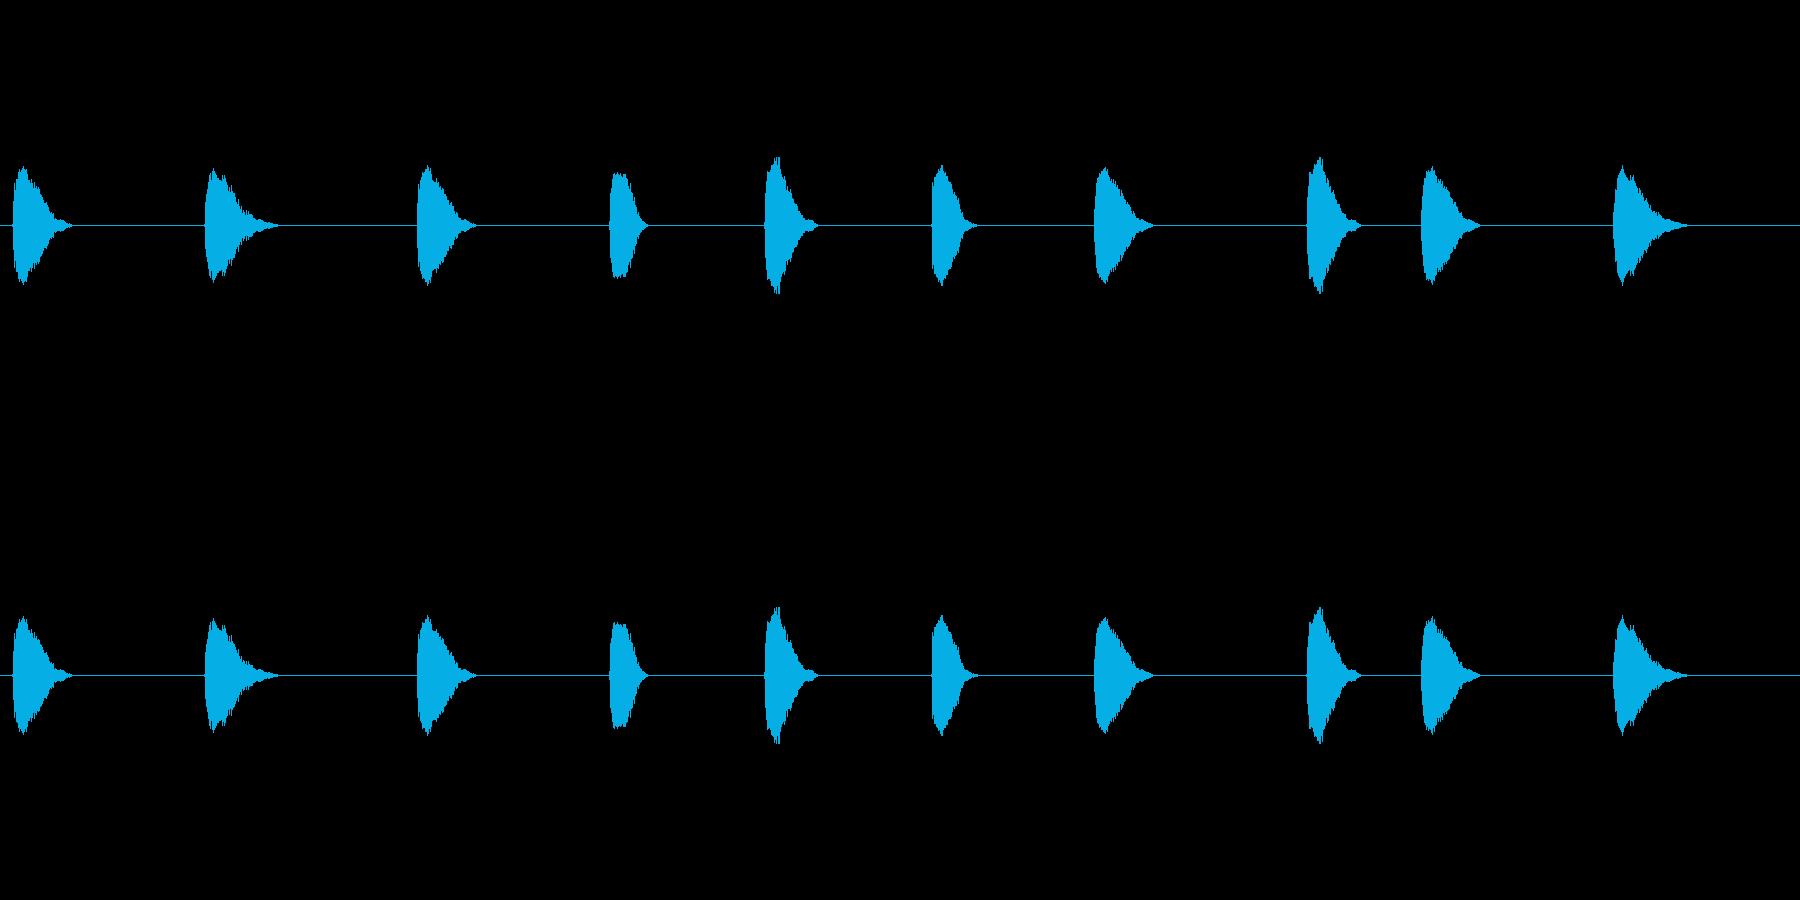 【カラス 合成01-4】の再生済みの波形